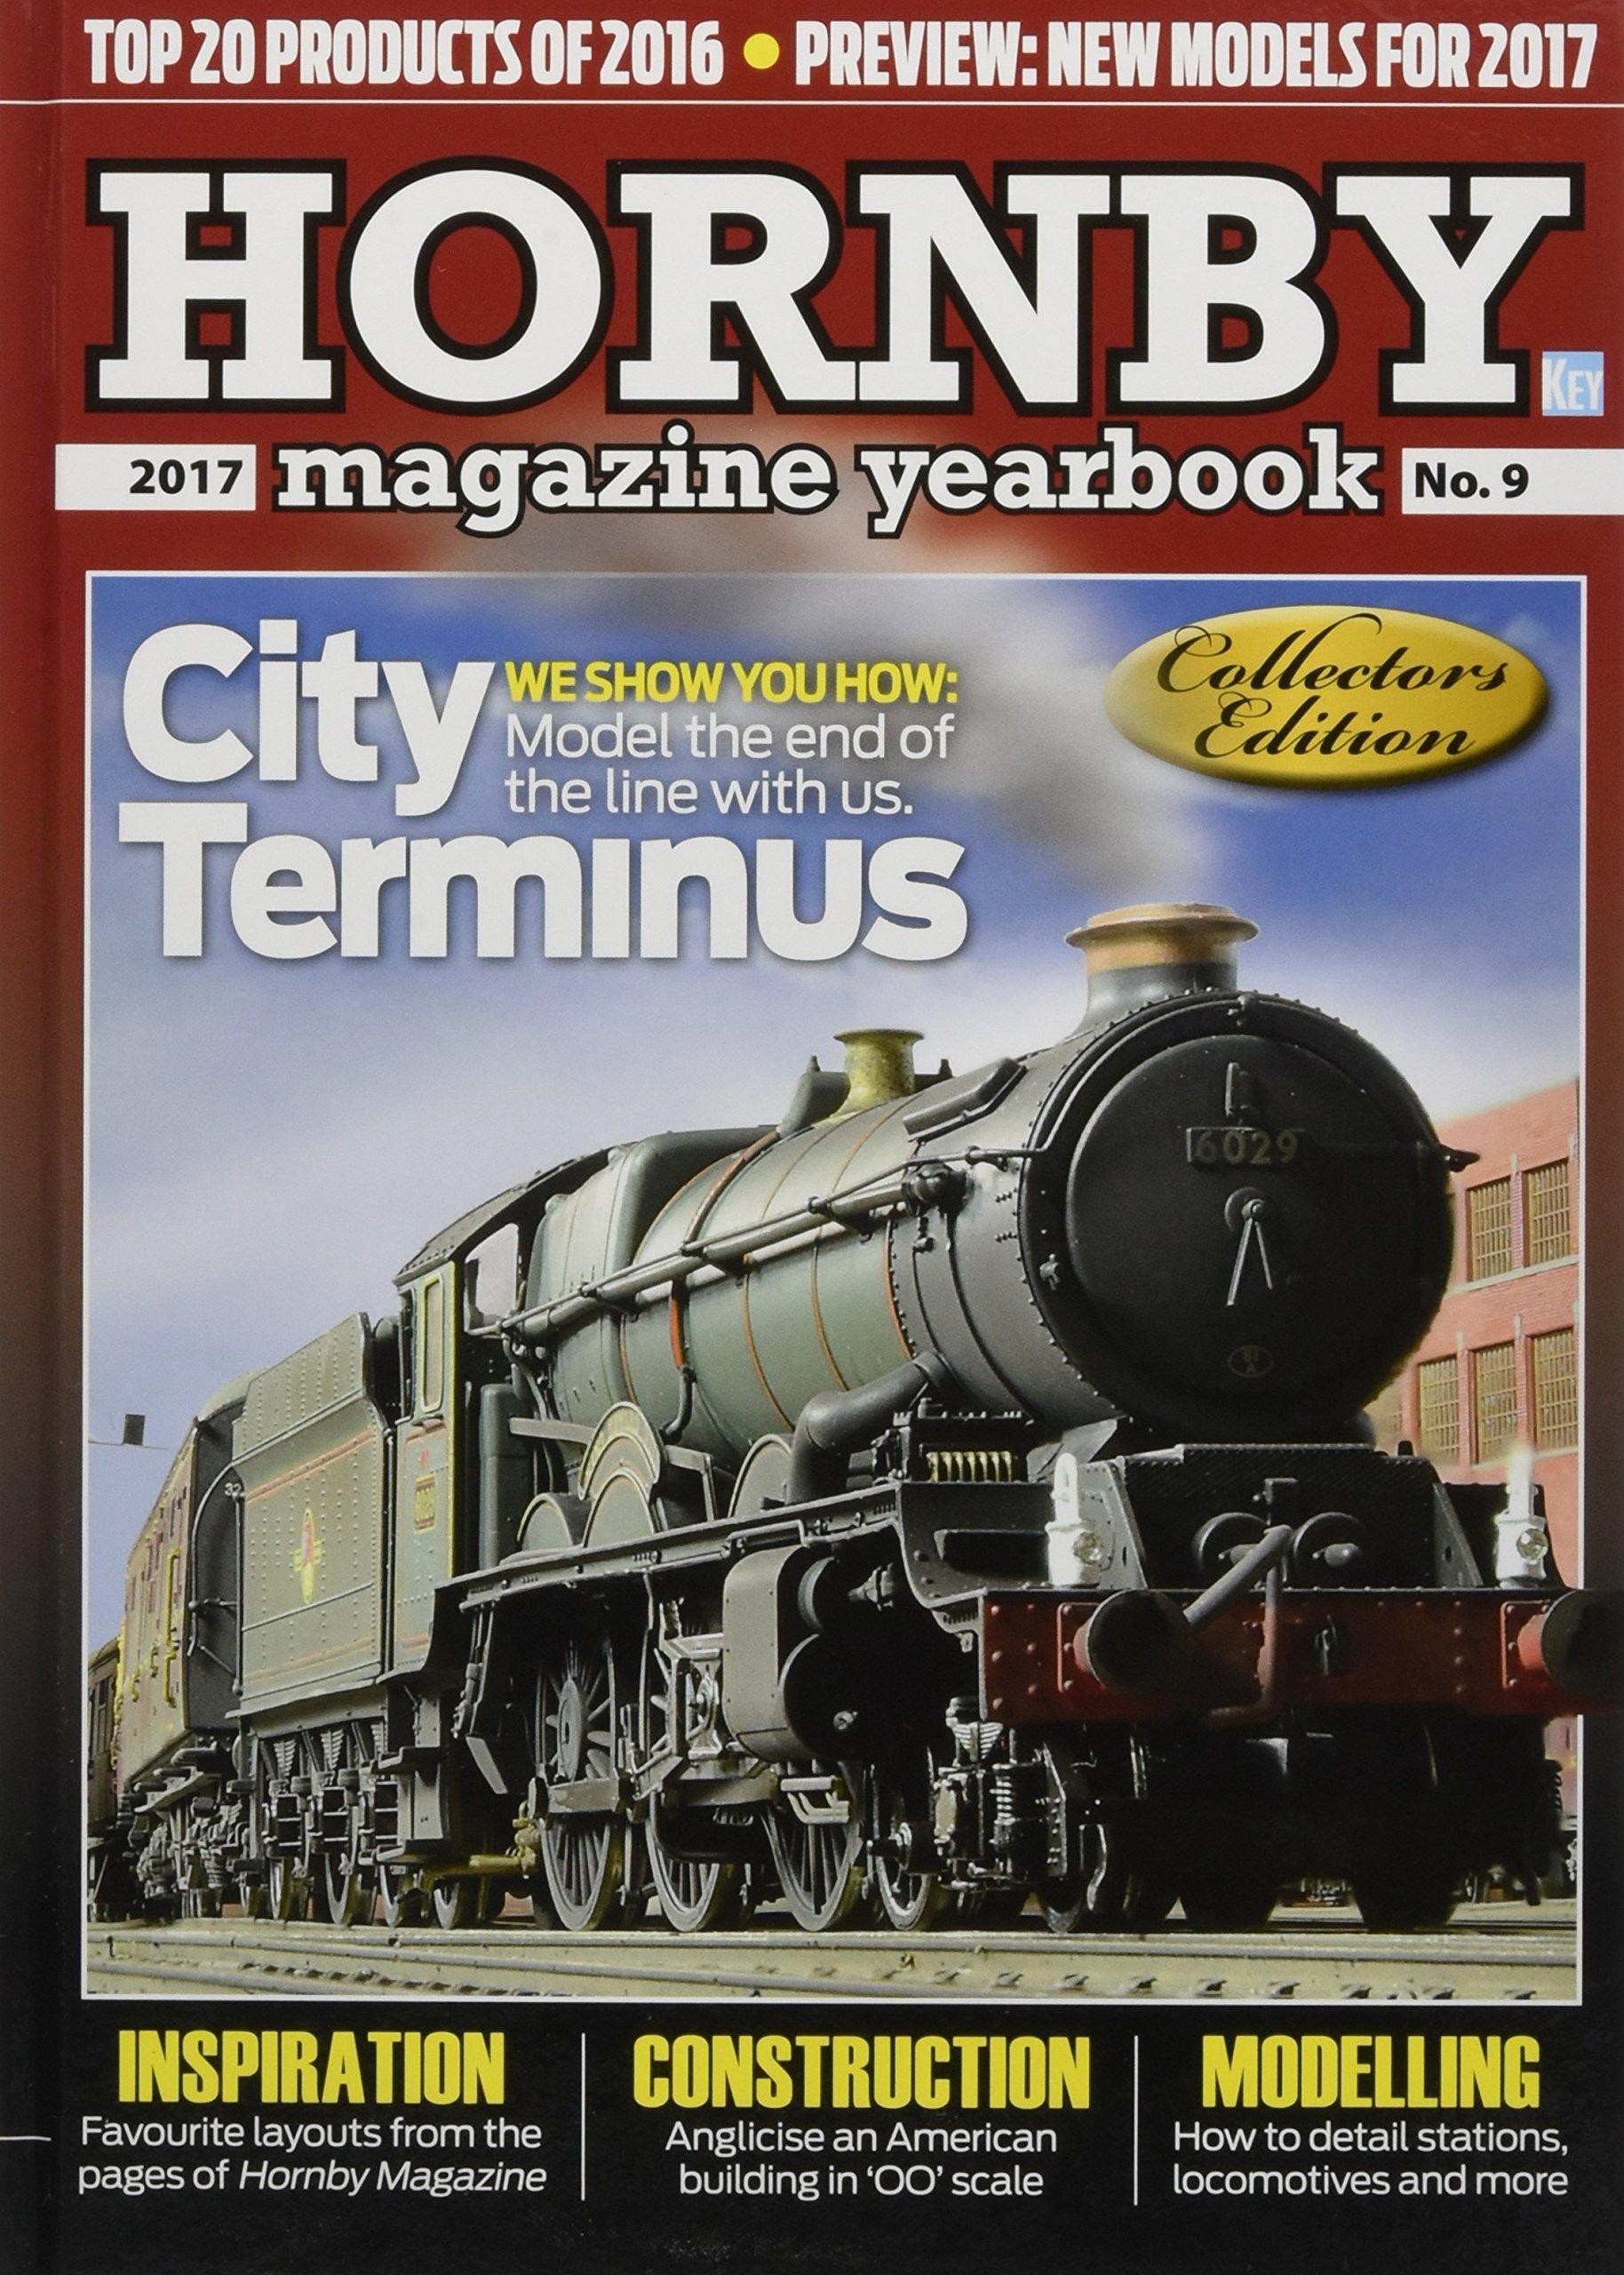 Hornby Magazine Yearbook No. 9